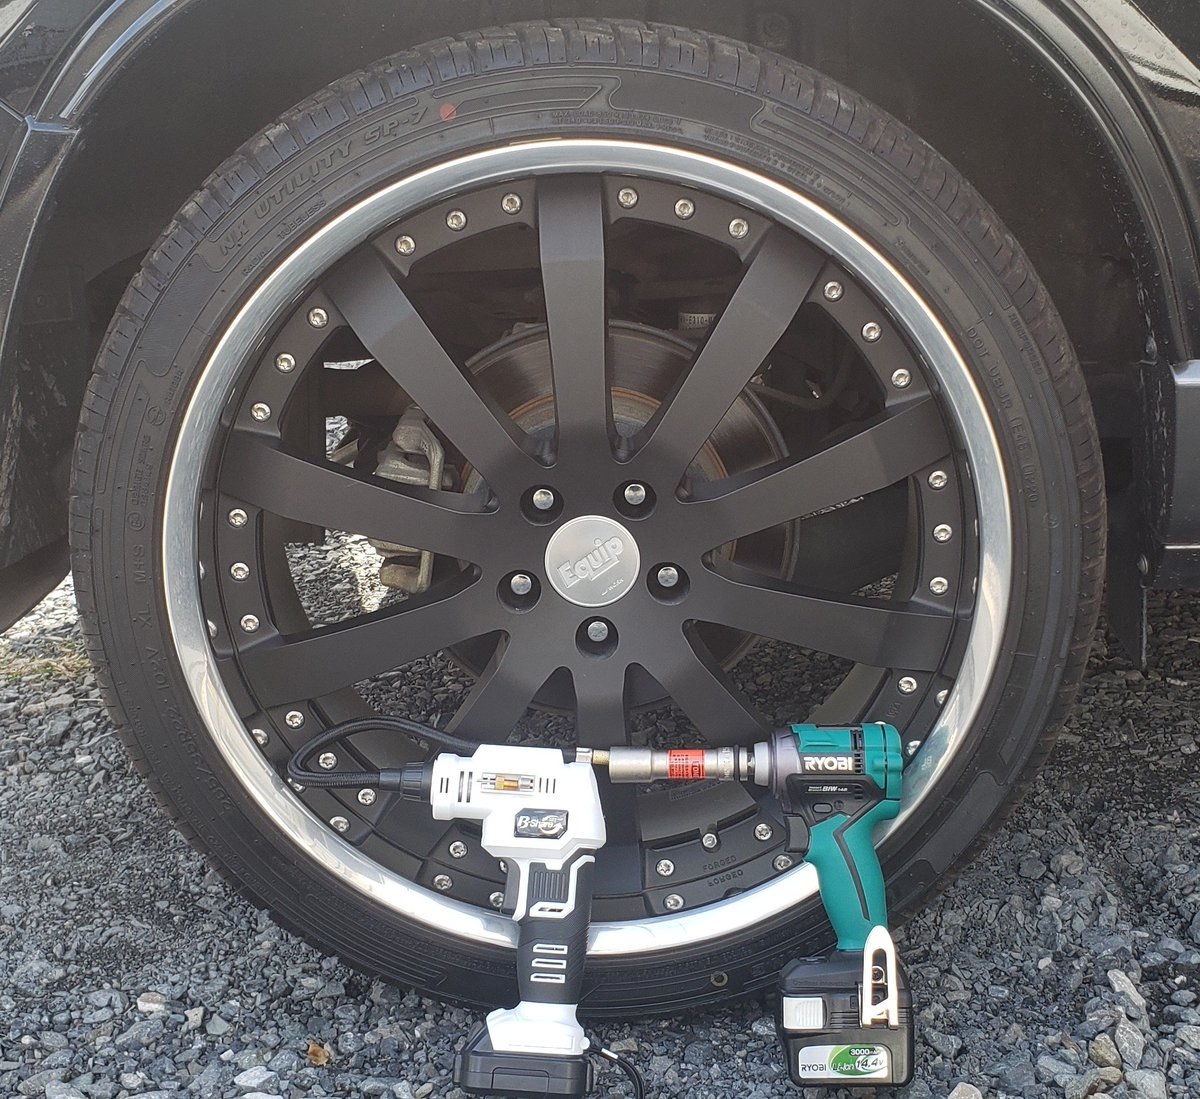 タイヤ交換完了~♪大きいタイヤは重くて疲れる(笑)でも、電動工具のおかげで楽チンでした(ノ゚∀゚)ノ #電動工具 #work #エクイップ